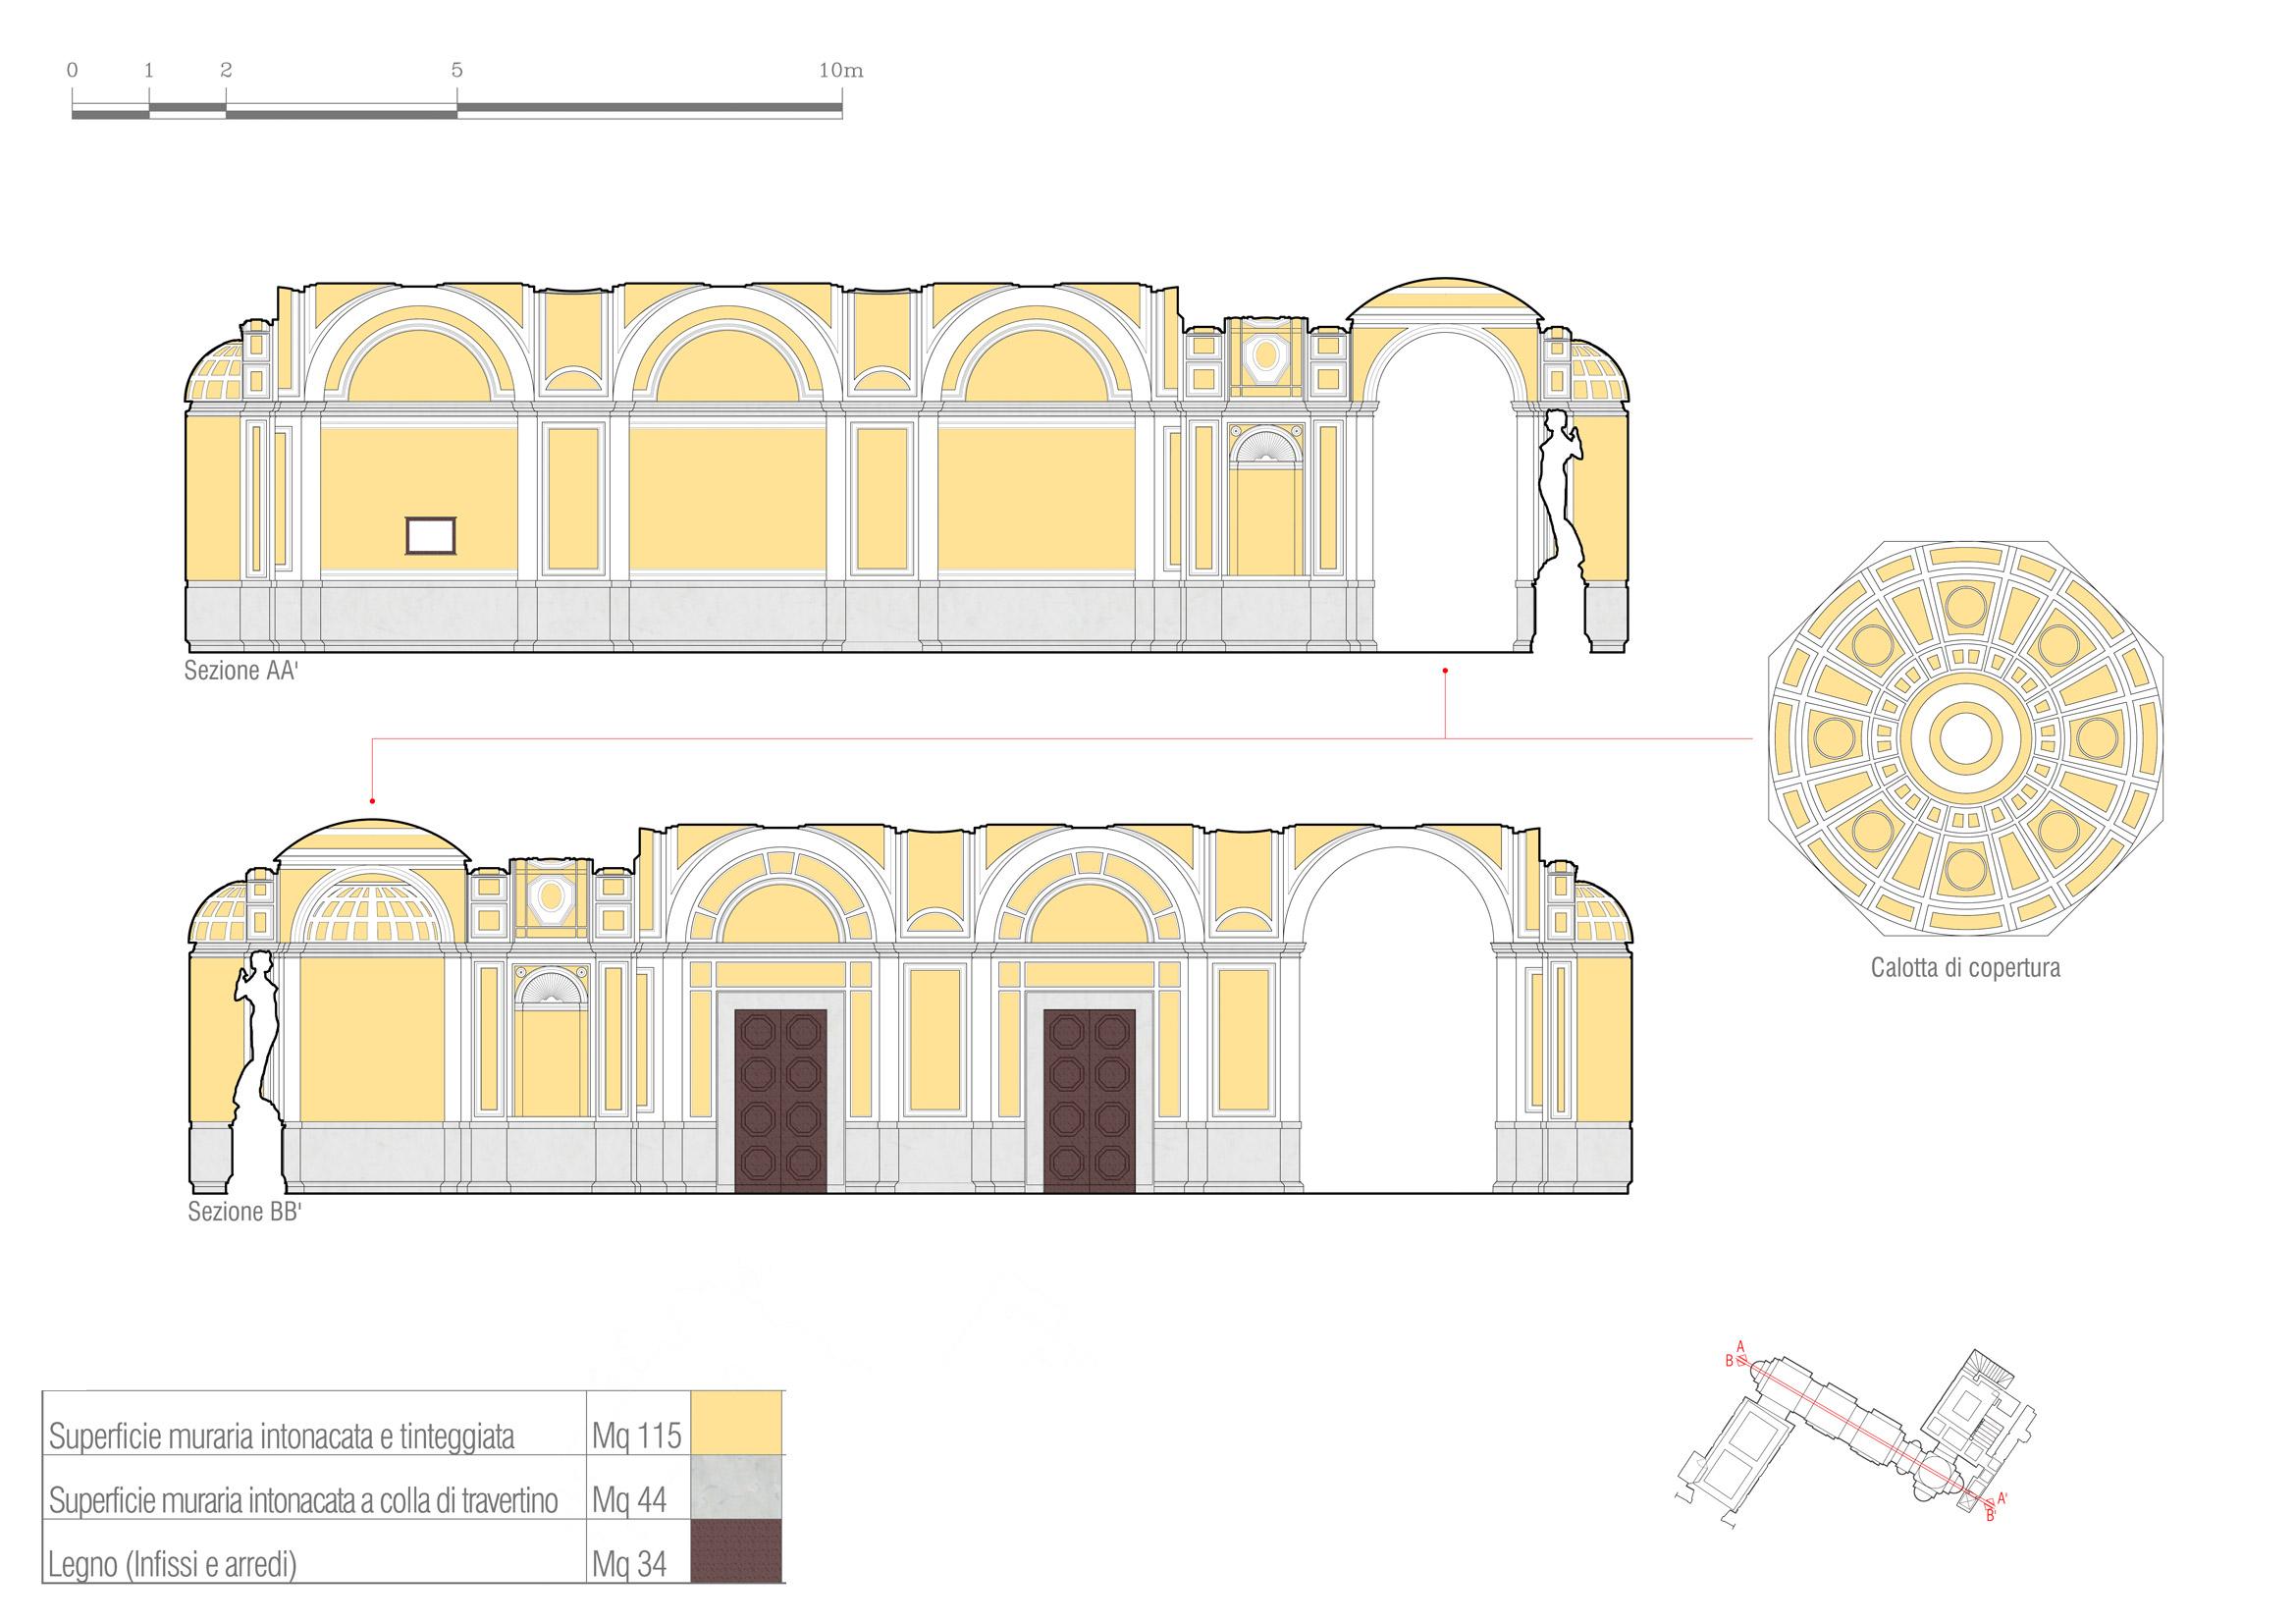 Micada-Group_2012-Generali_Via-Della-Mercede-Progettazione_Materico-04.jpg